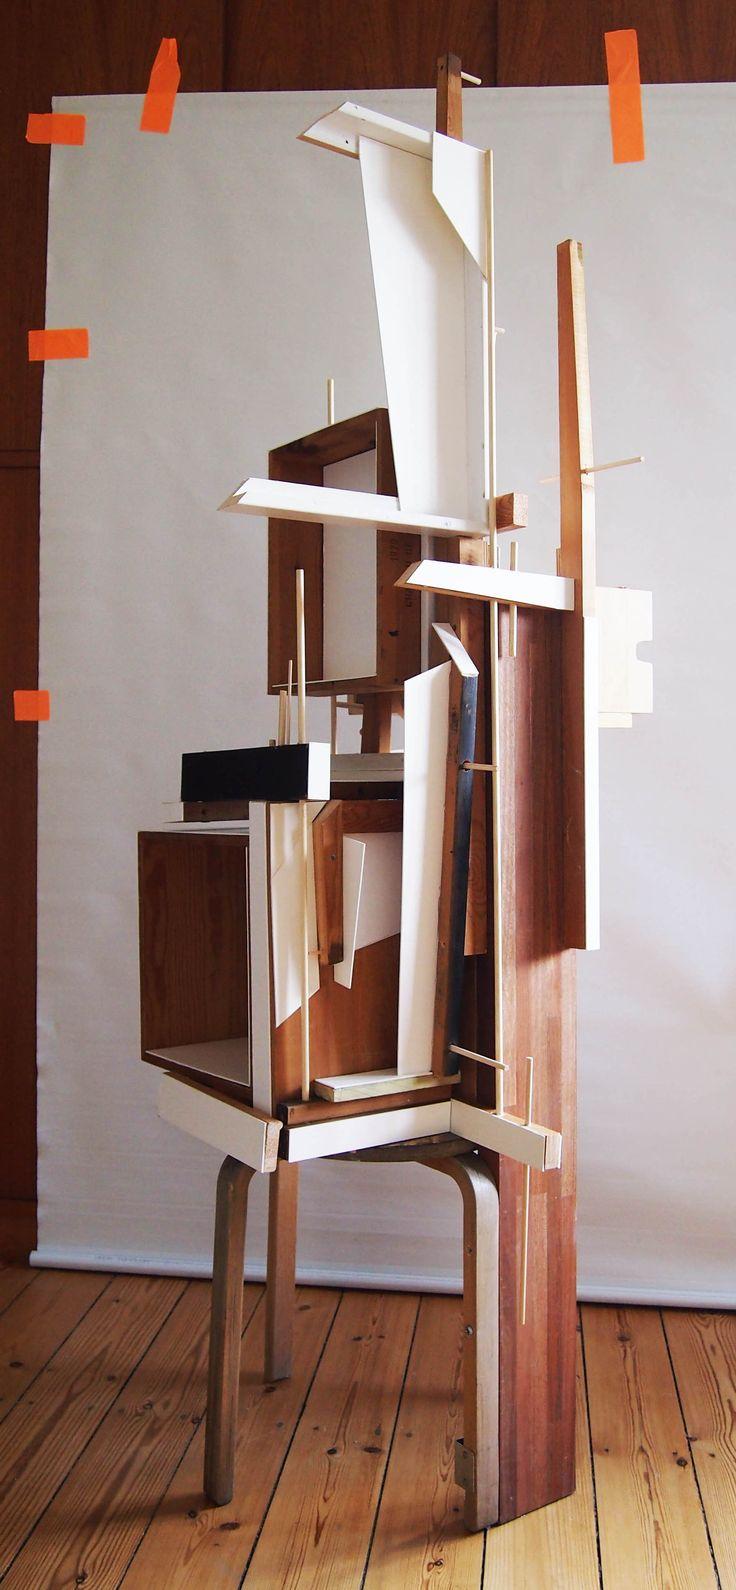 Sculpture for Pavlos